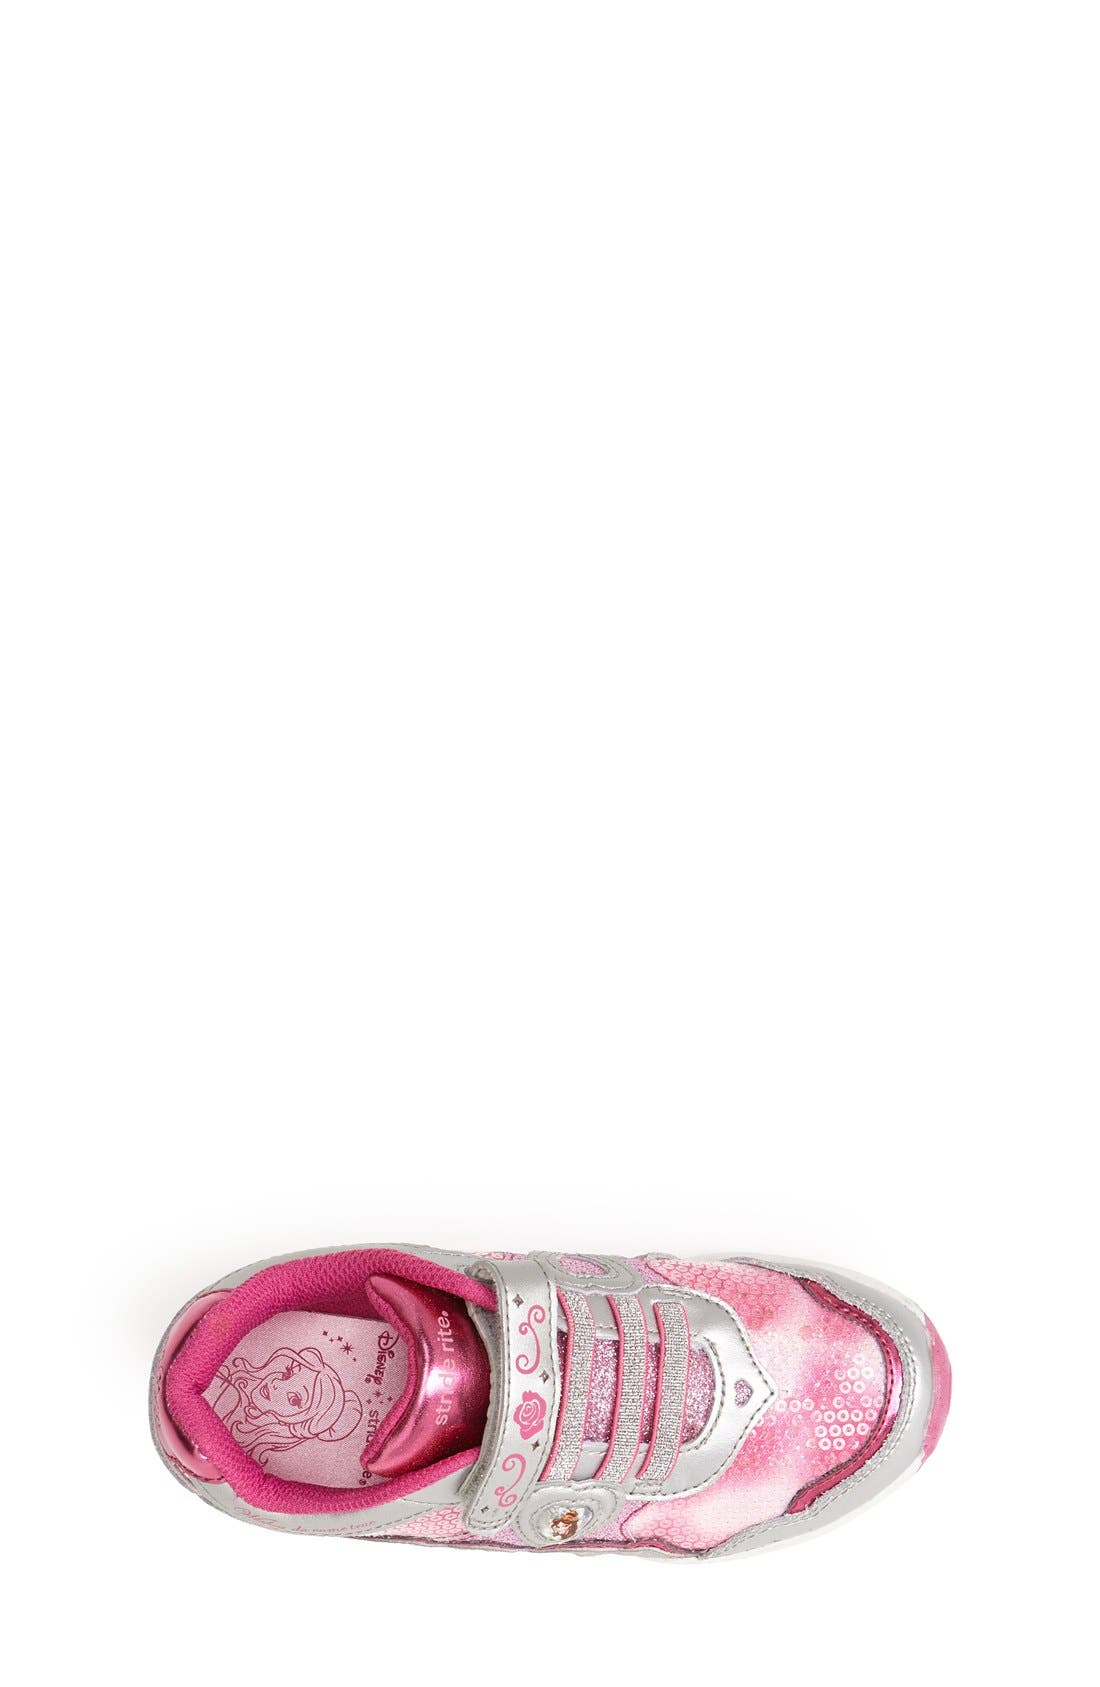 Alternate Image 3  - Stride Rite 'Disney Wish Lights - Belle' Light-Up Sneaker (Walker, Toddler & Little Kid)